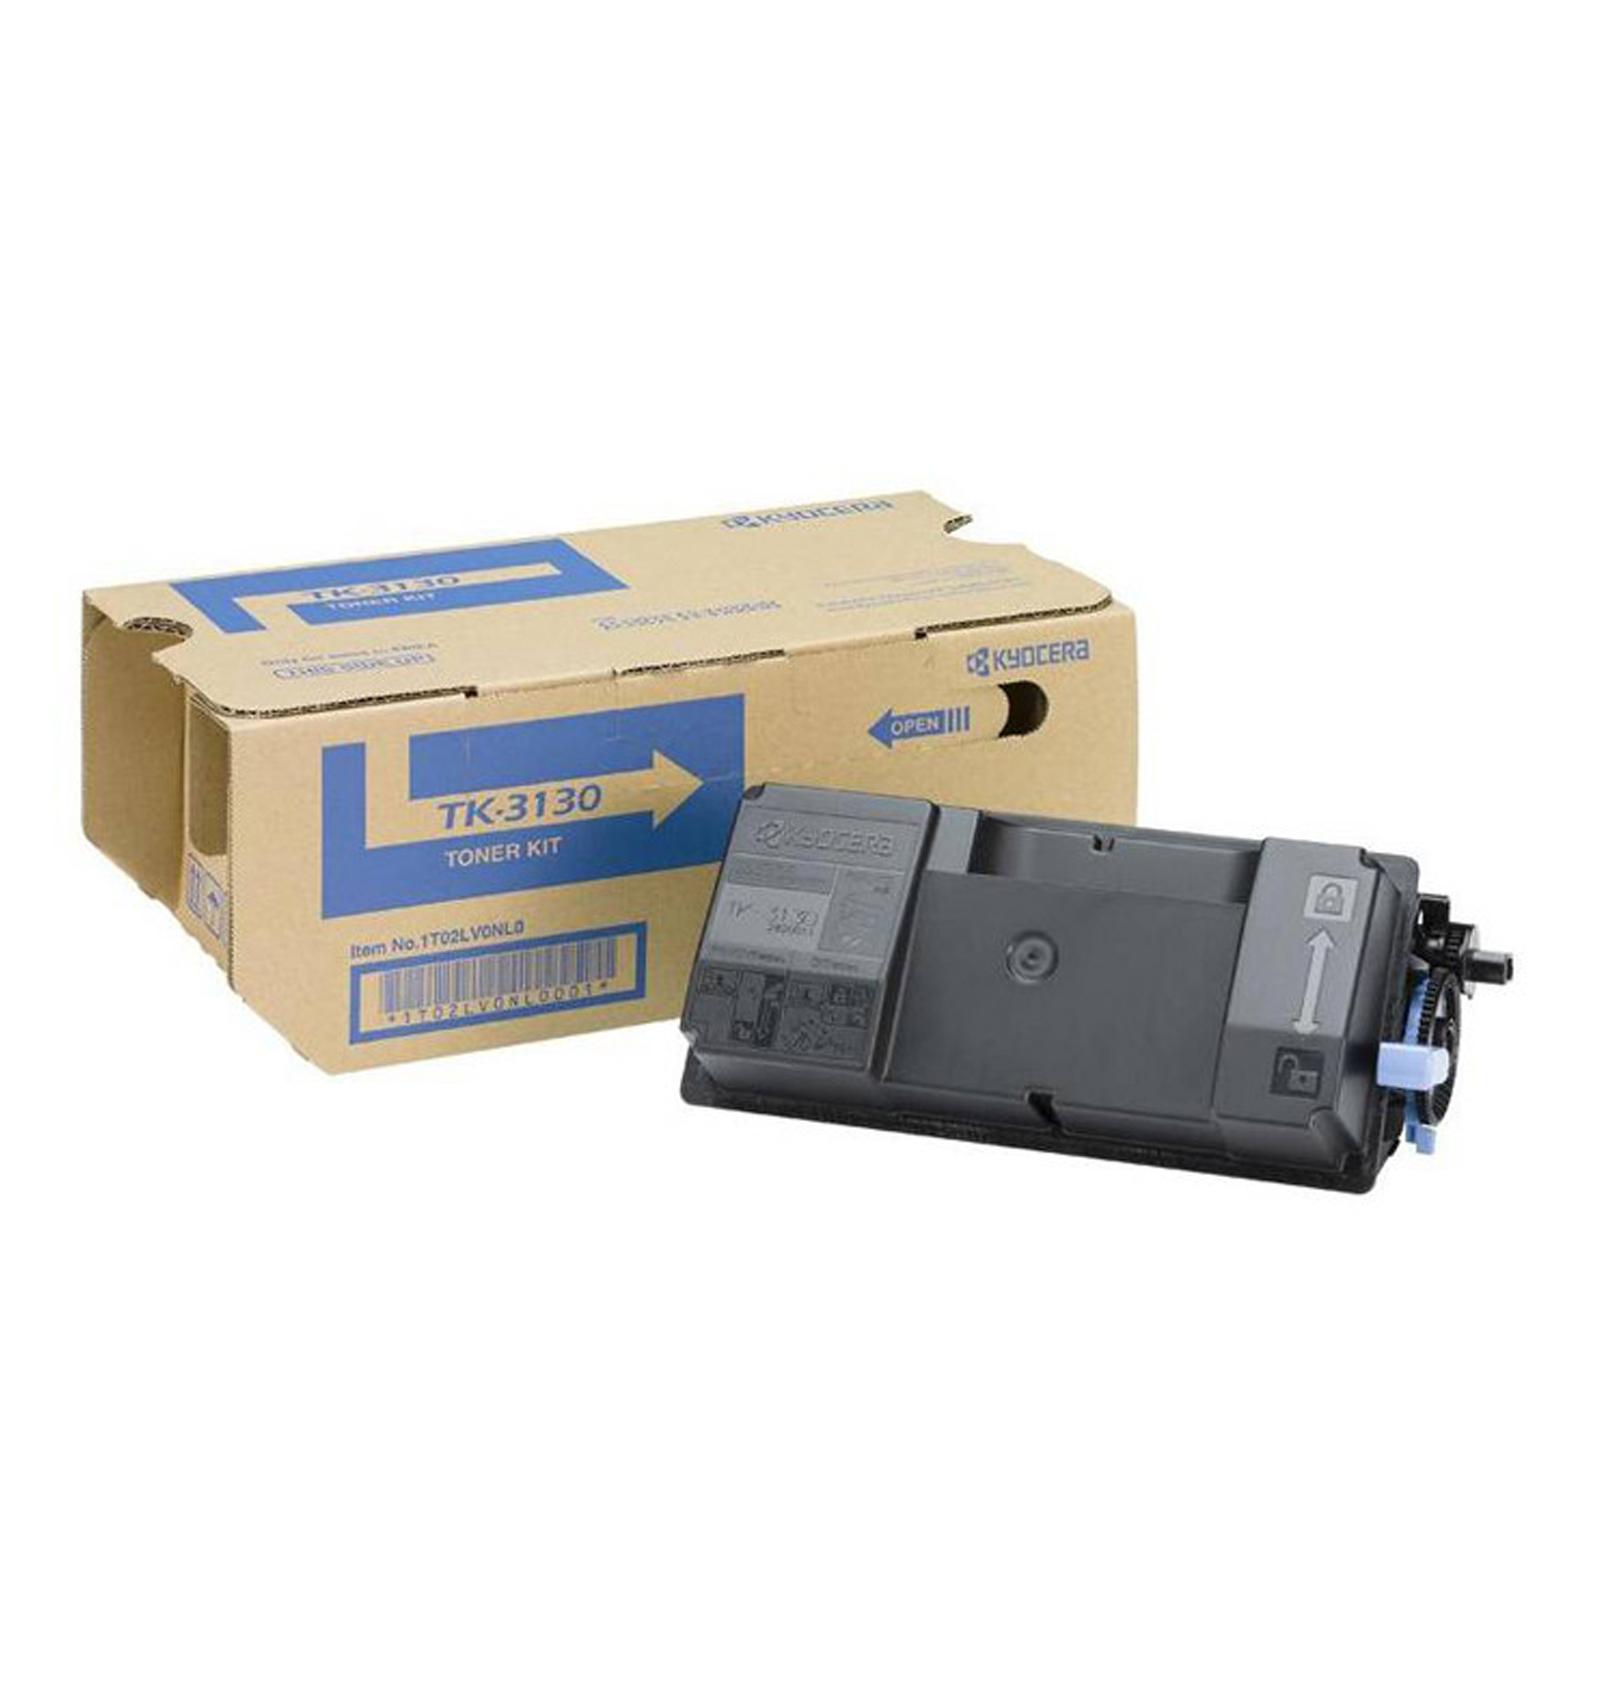 Kyocera TK-3130 для Kyocera FS-4200DN/M3550idn/M3560idn/FS-4300DN